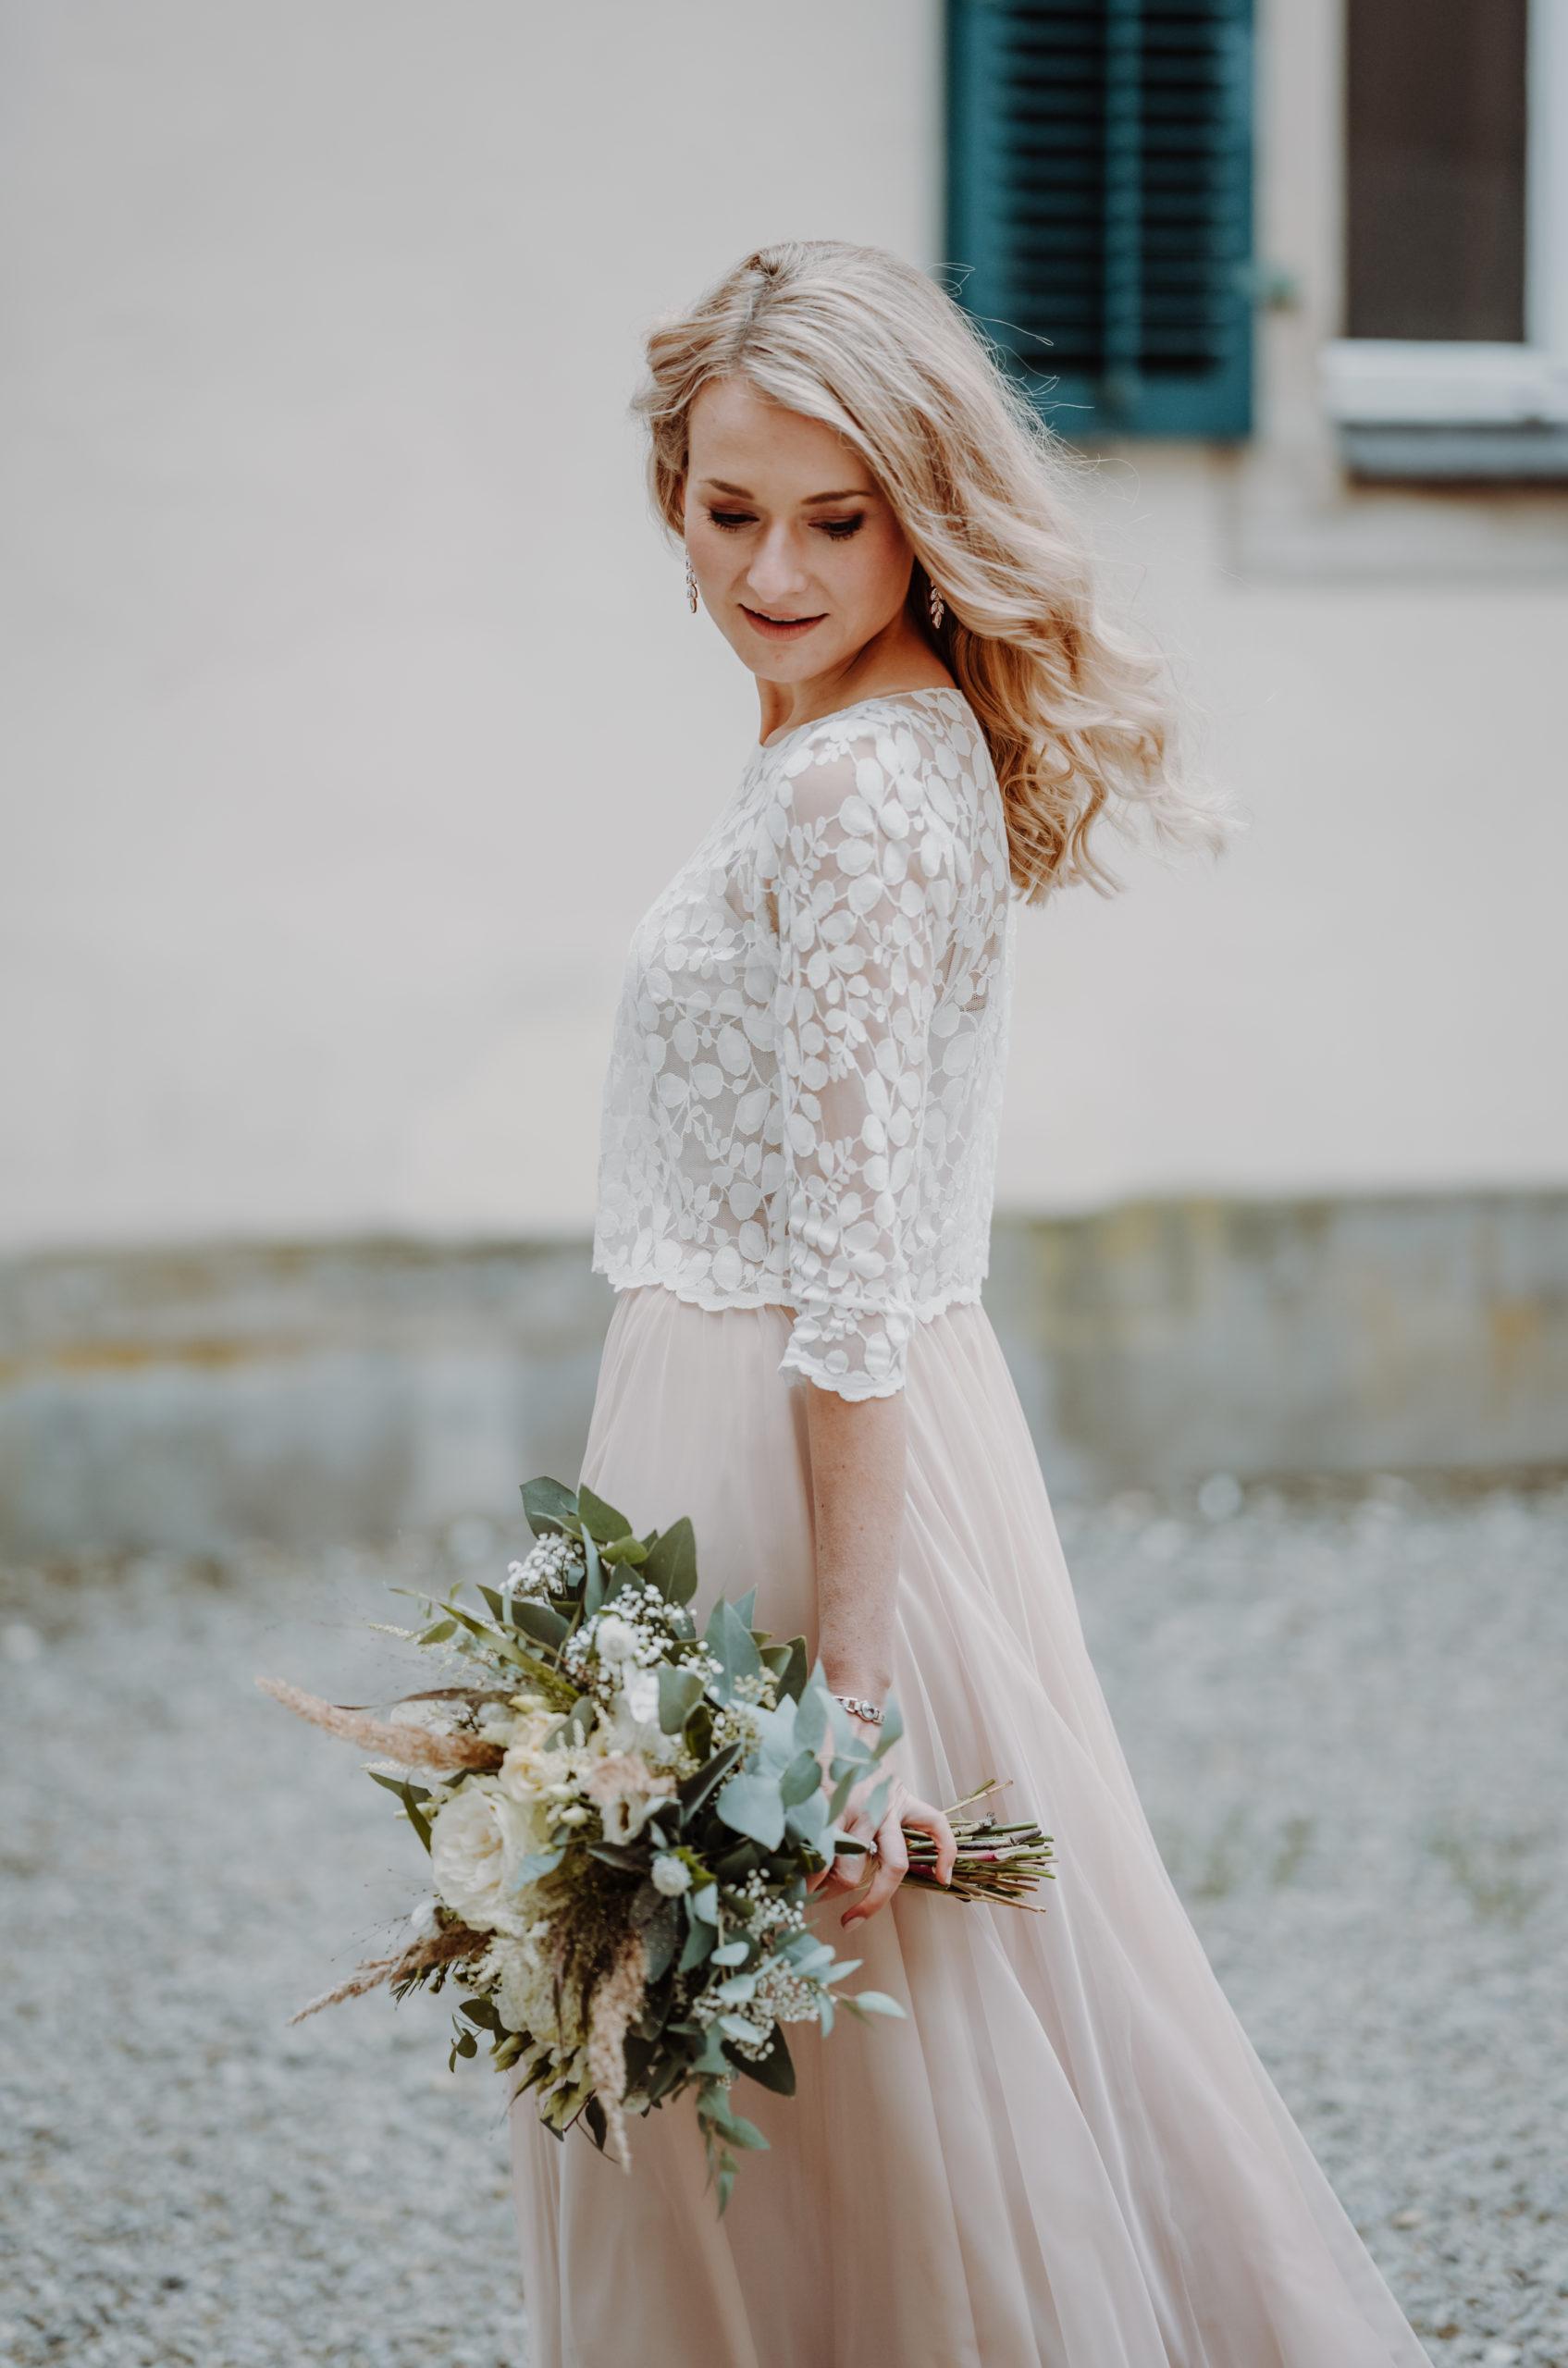 Braut mit Zweiteiligem Brautkleid aus Tüllrock in Blush und Brauttop aus Blätterspitze, sie trägt ihren Brautstrauß.